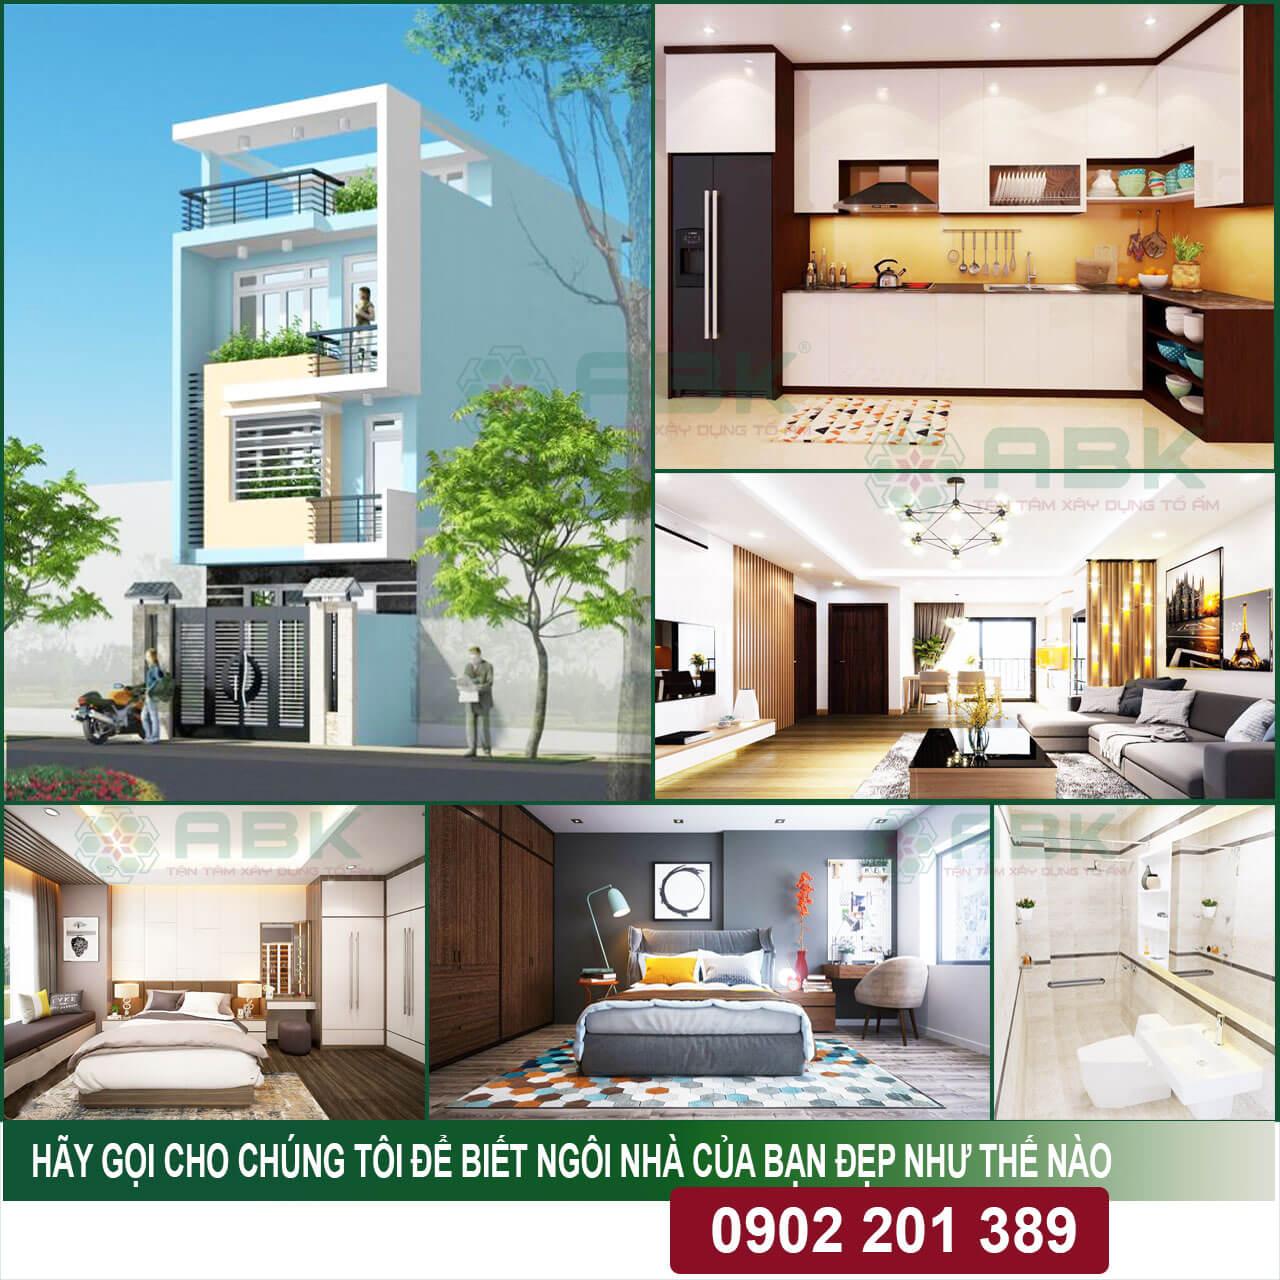 Chi phí xây nhà 4 tầng 50m2